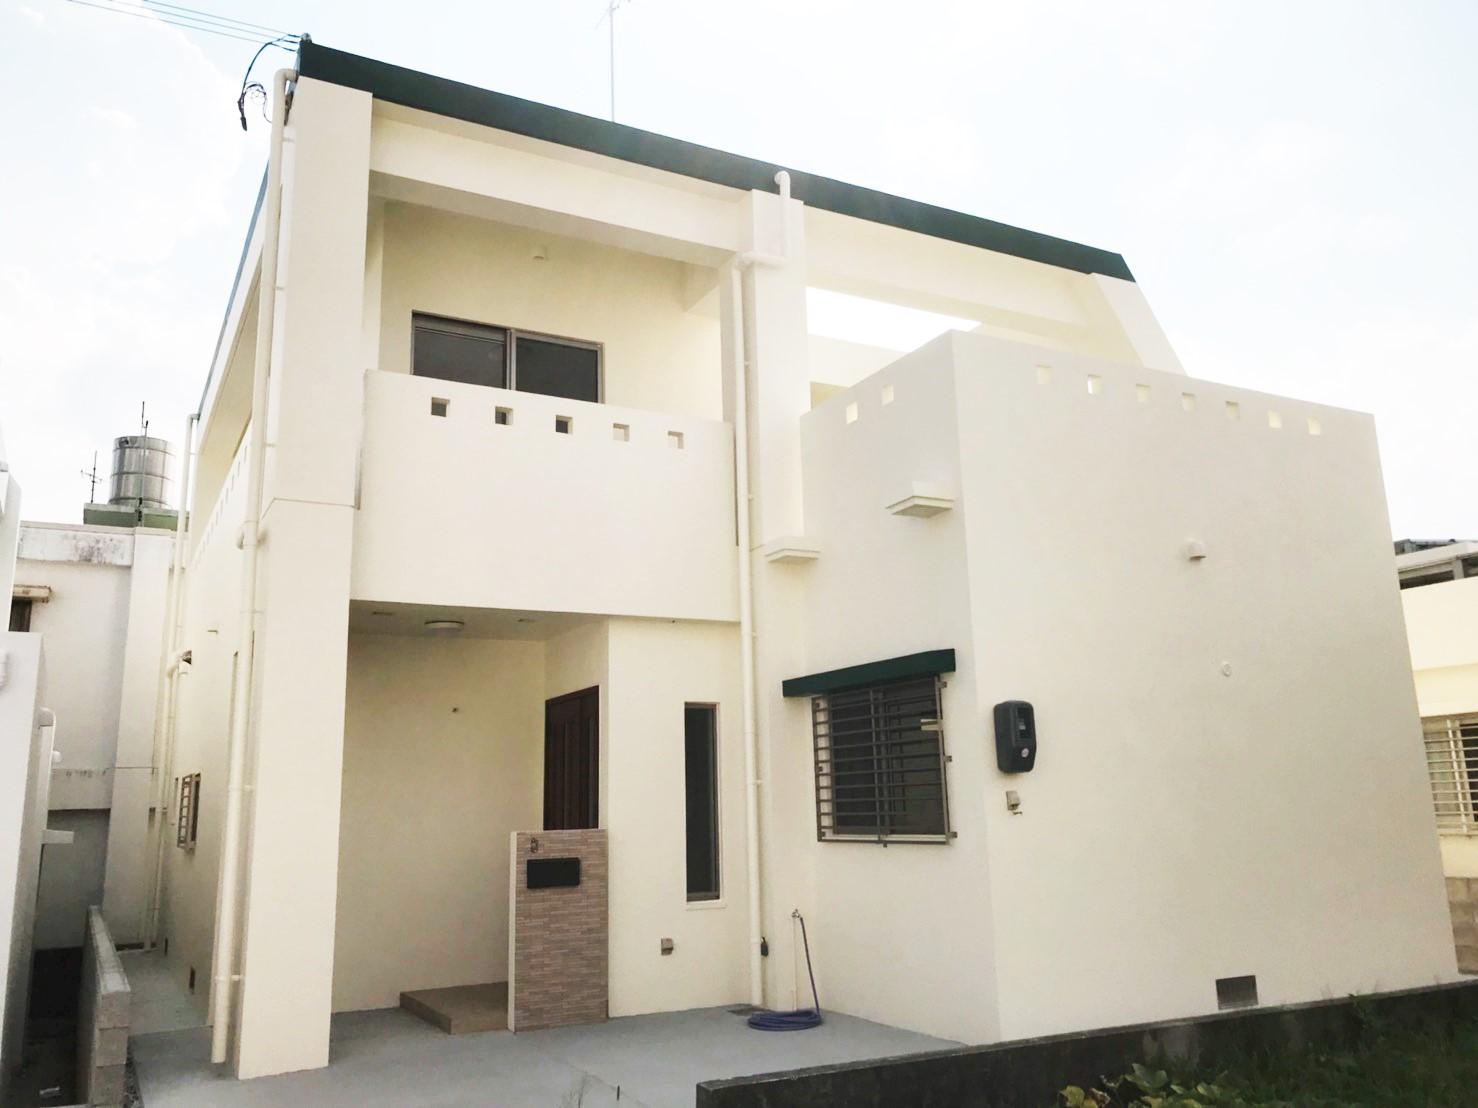 沖縄市古謝津嘉山町にて【素敵なコートハウス】が完成しました☆ オープンハウス&無料住宅相談会を開催!